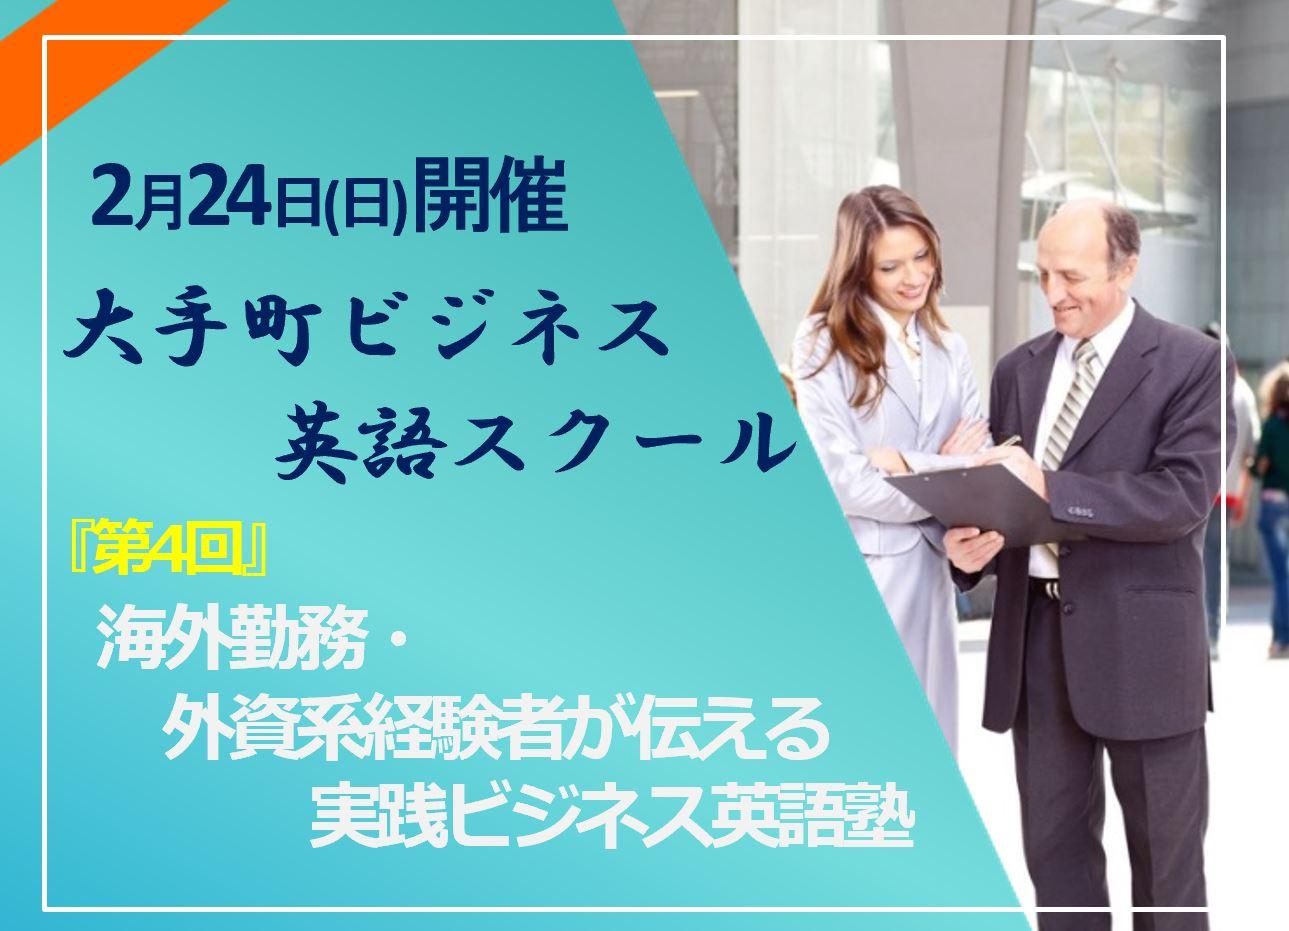 【第4回】大手町ビジネス英語スクール